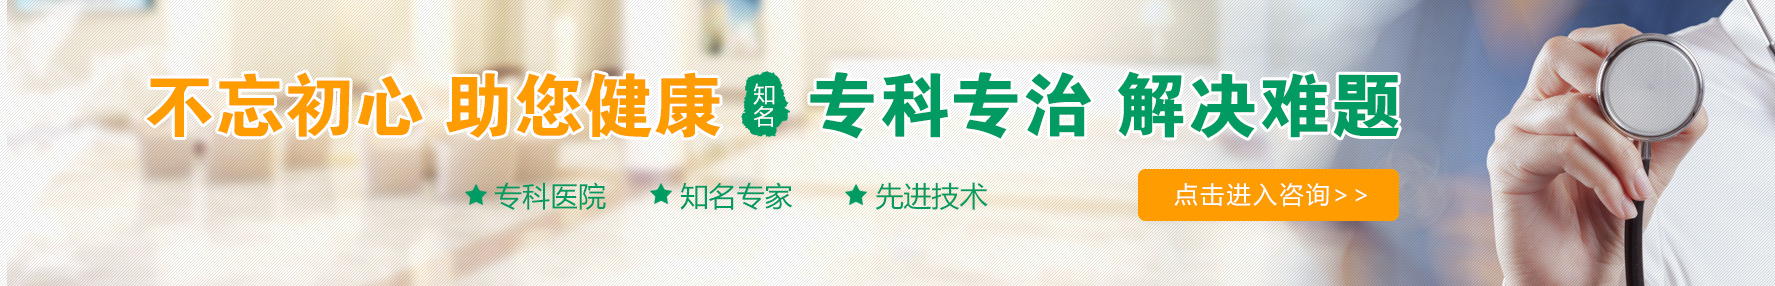 北京治疗阳痿的医院